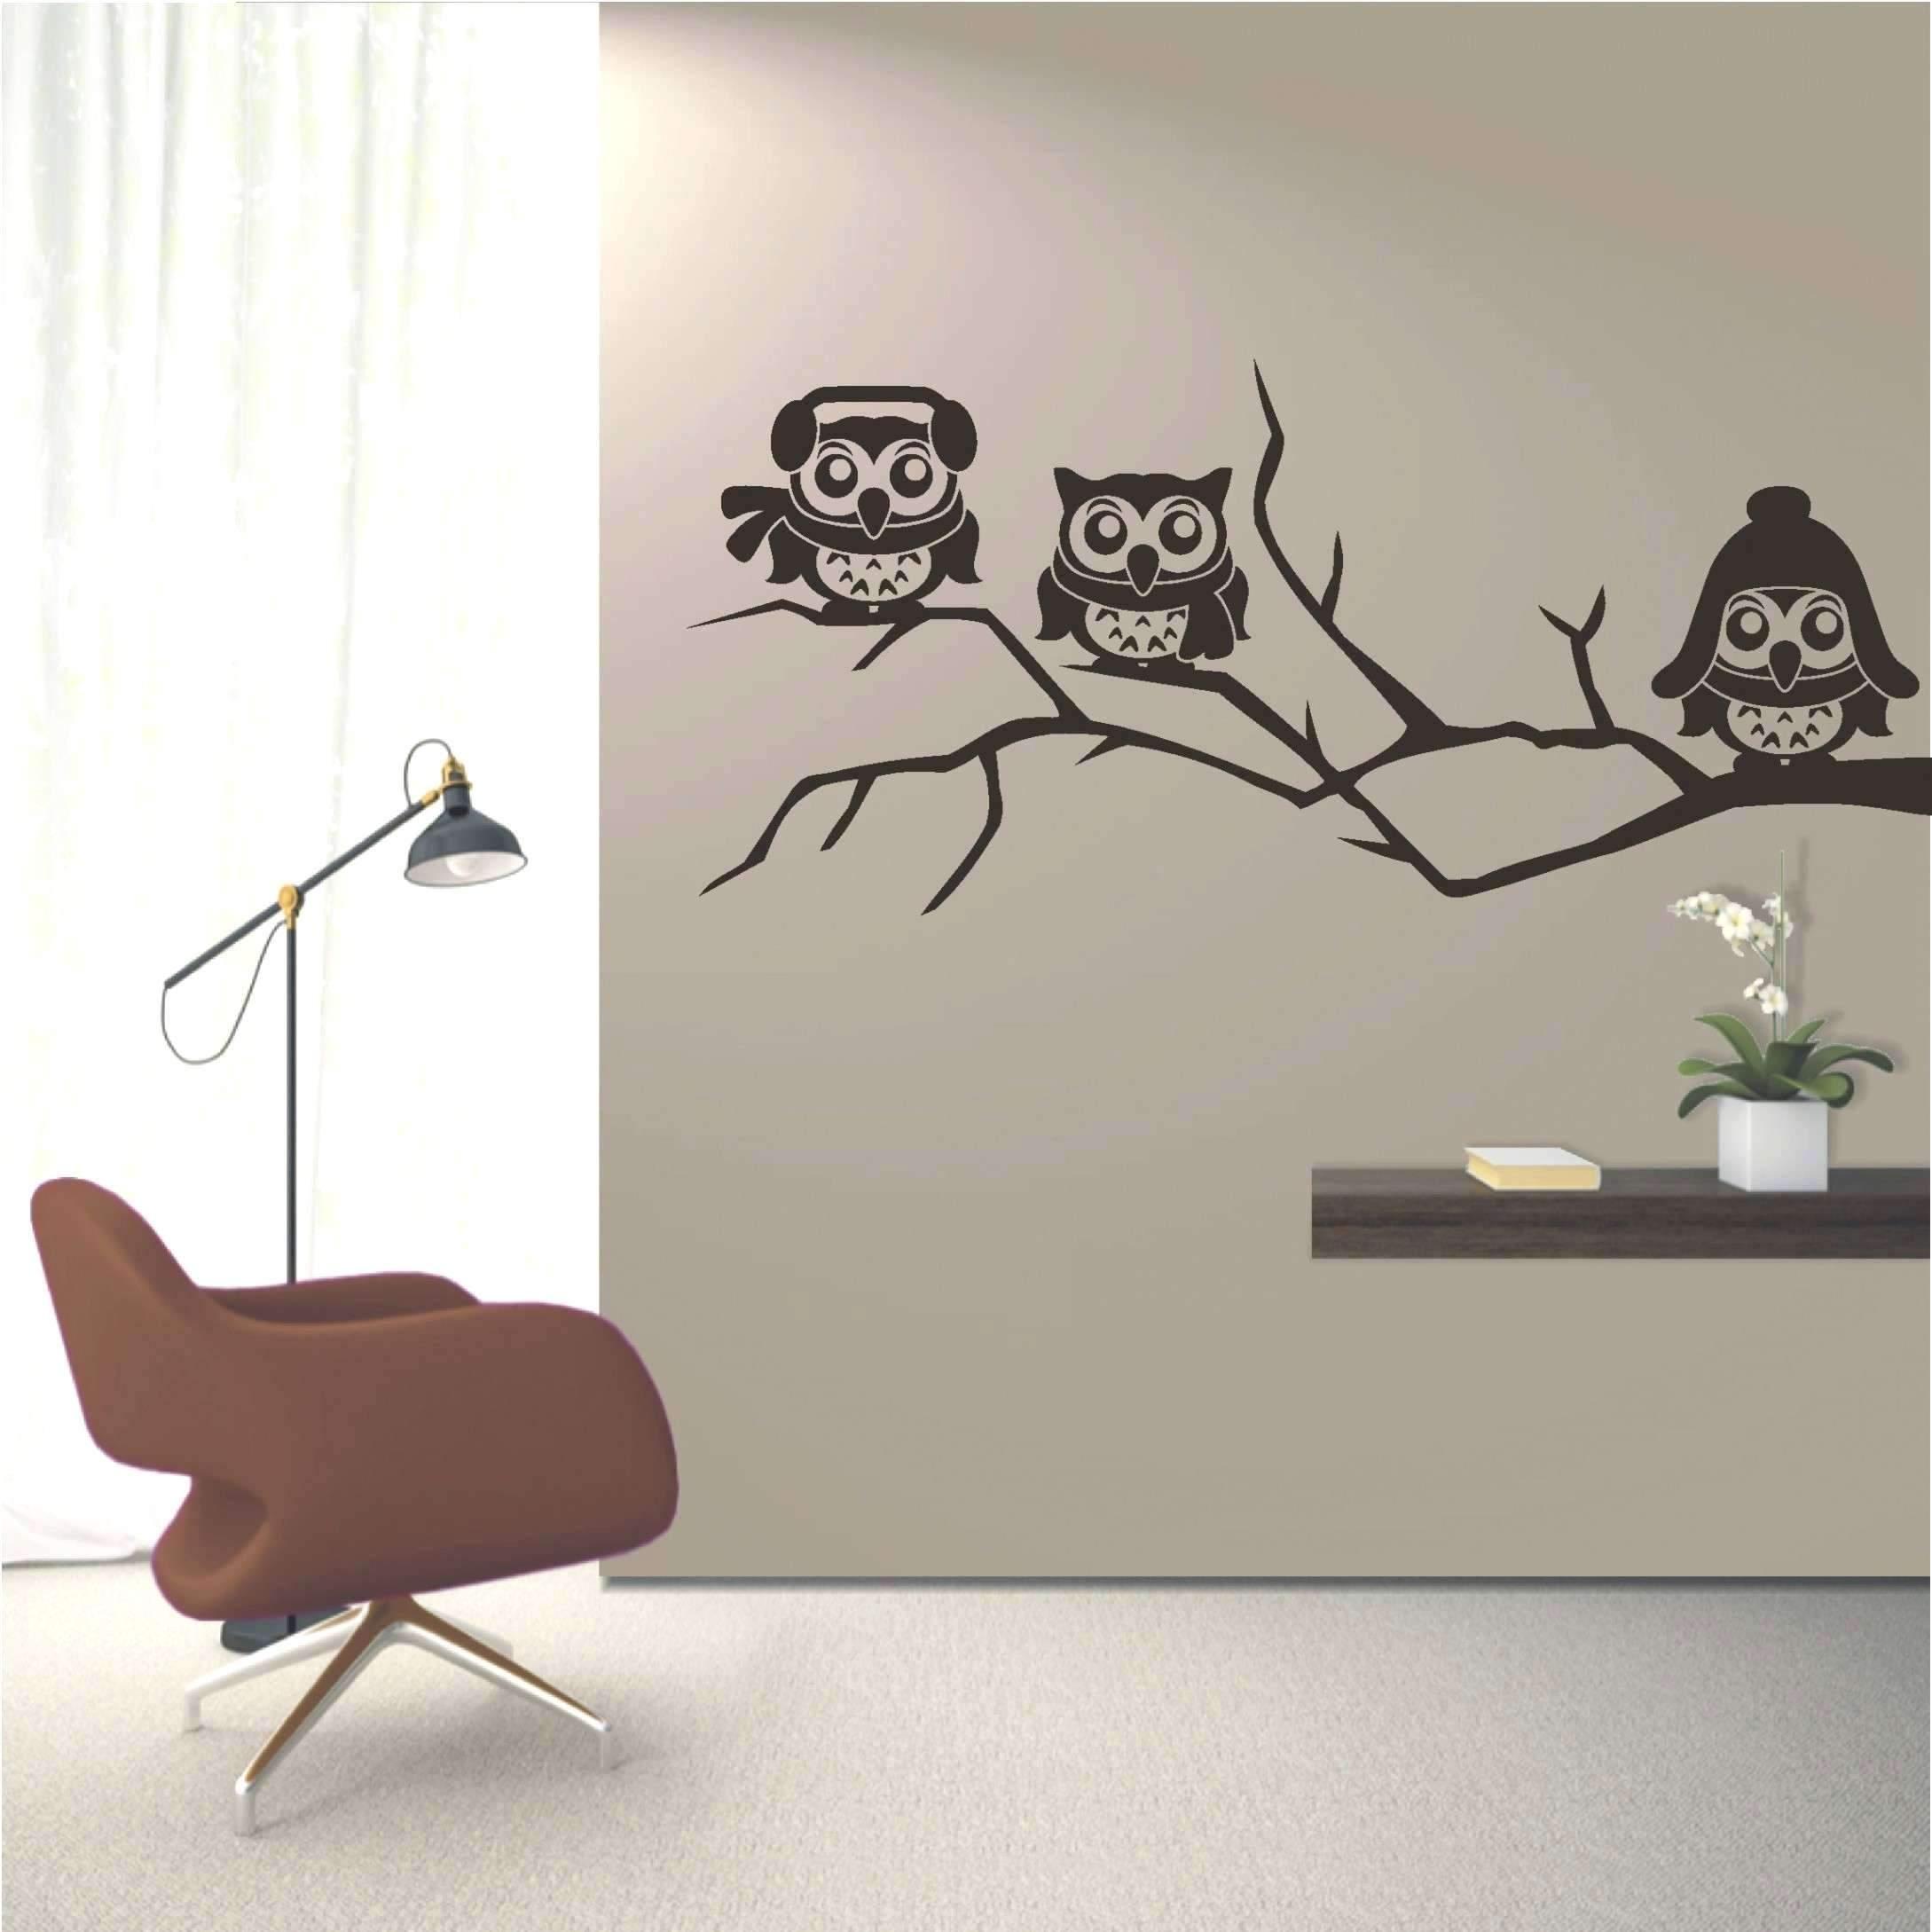 wanddeko wohnzimmer metall frisch wandtatoo wohnzimmer elegant leinwand ideen wohnzimmer deko of wanddeko wohnzimmer metall